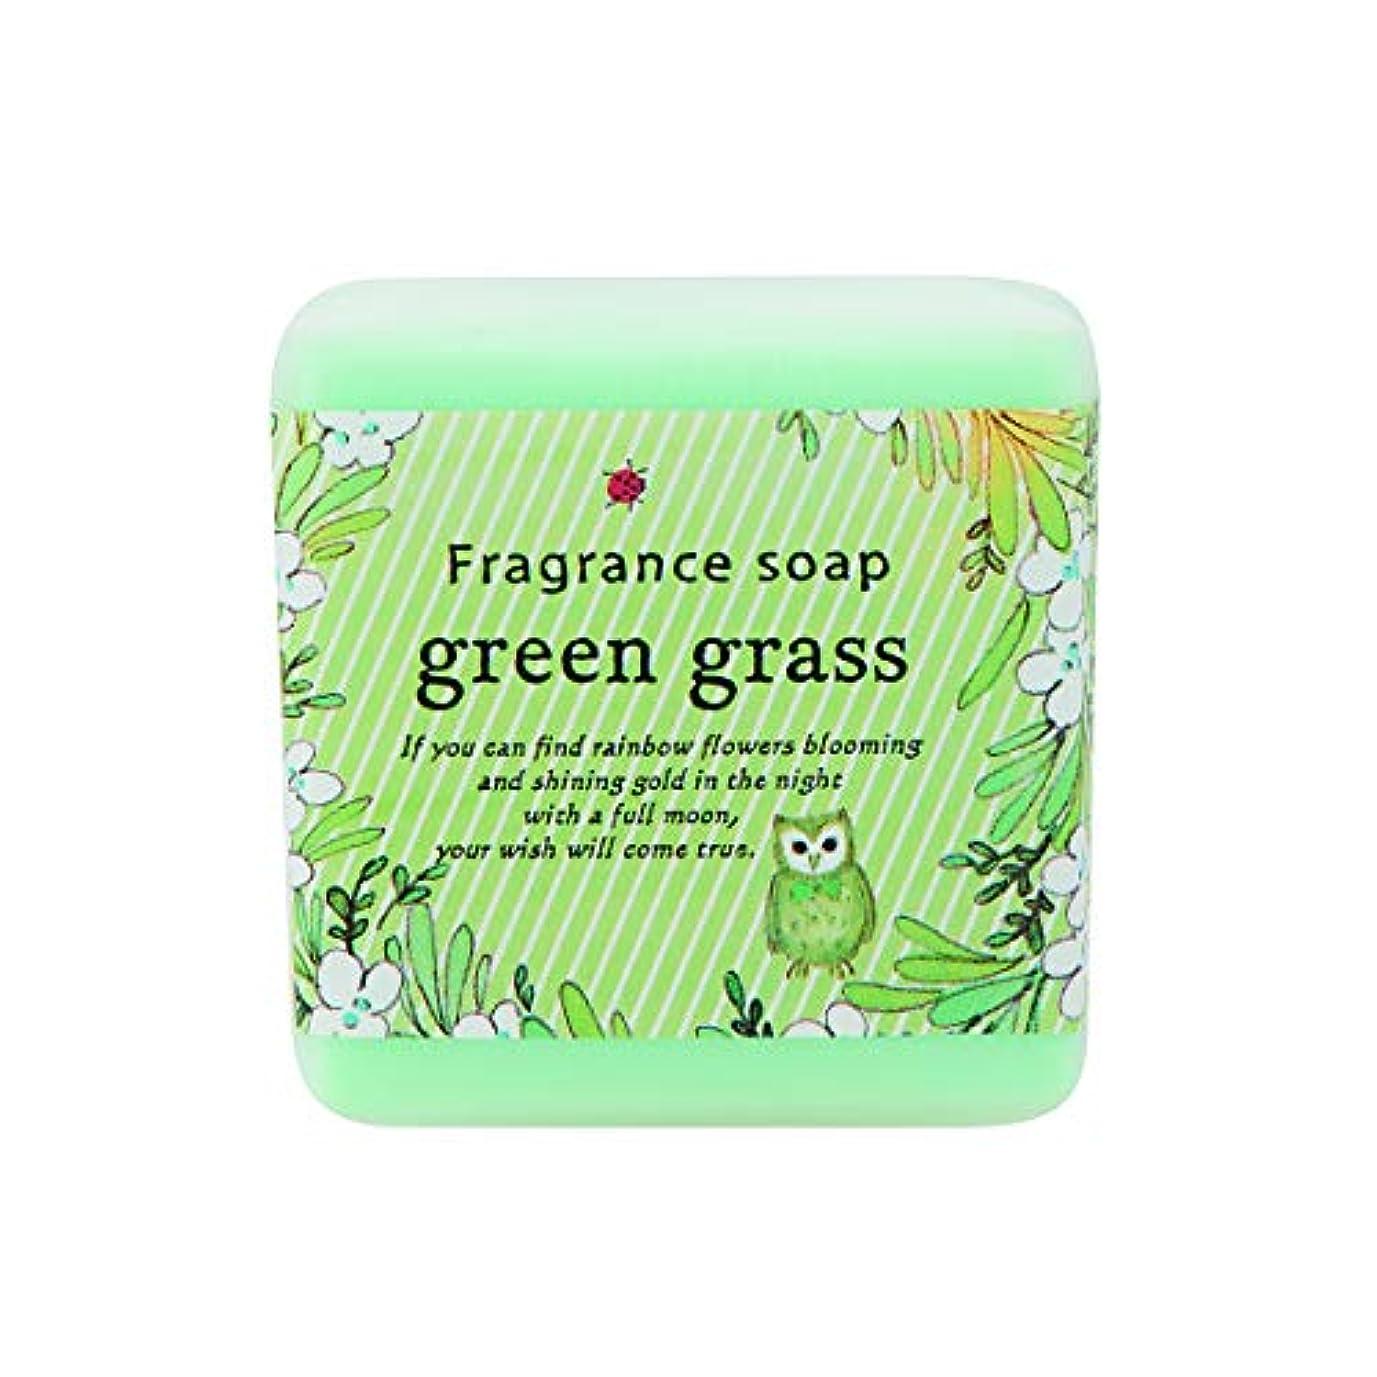 欠乏カリング認可サンハーブ フレグランスソープ40g グリーングラス 12個(プチ石けん ゲストソープ 爽やかでちょっと大人の香り)